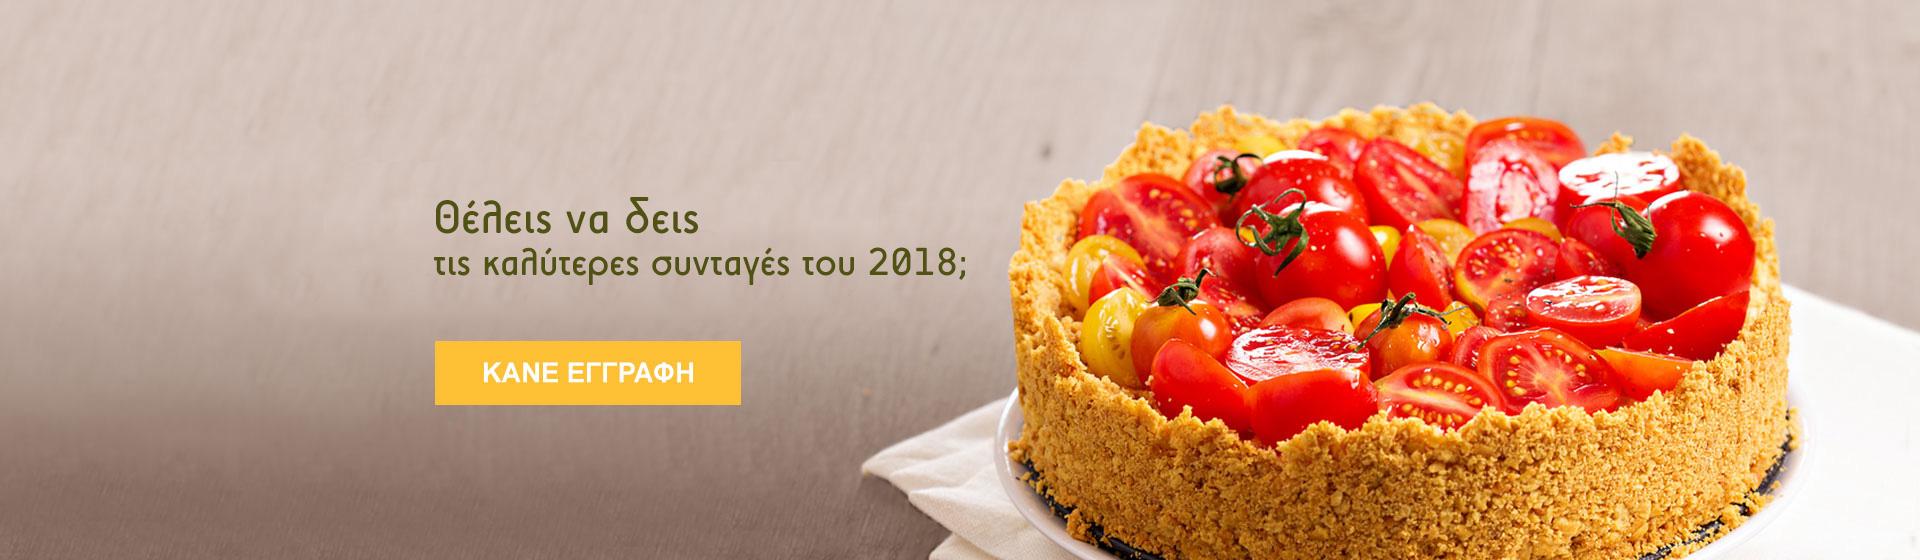 Θέλεις να δεις τις καλύτερες συνταγές του 2018;